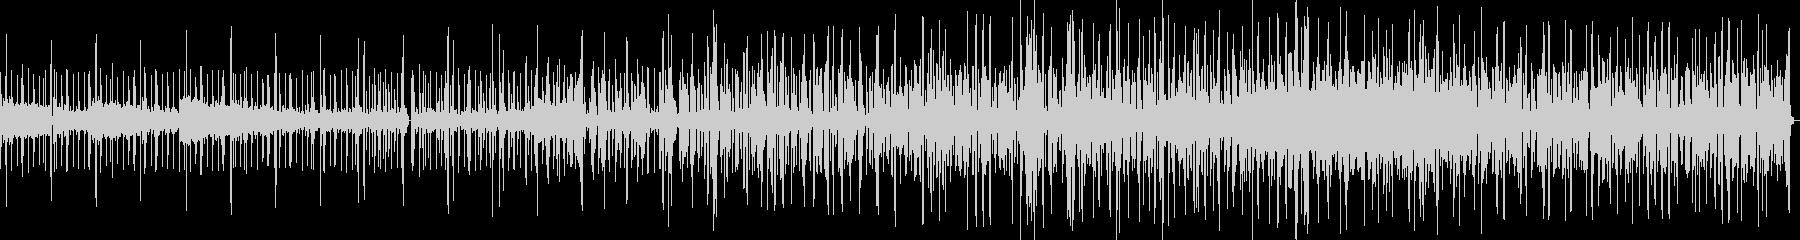 実験音楽の未再生の波形